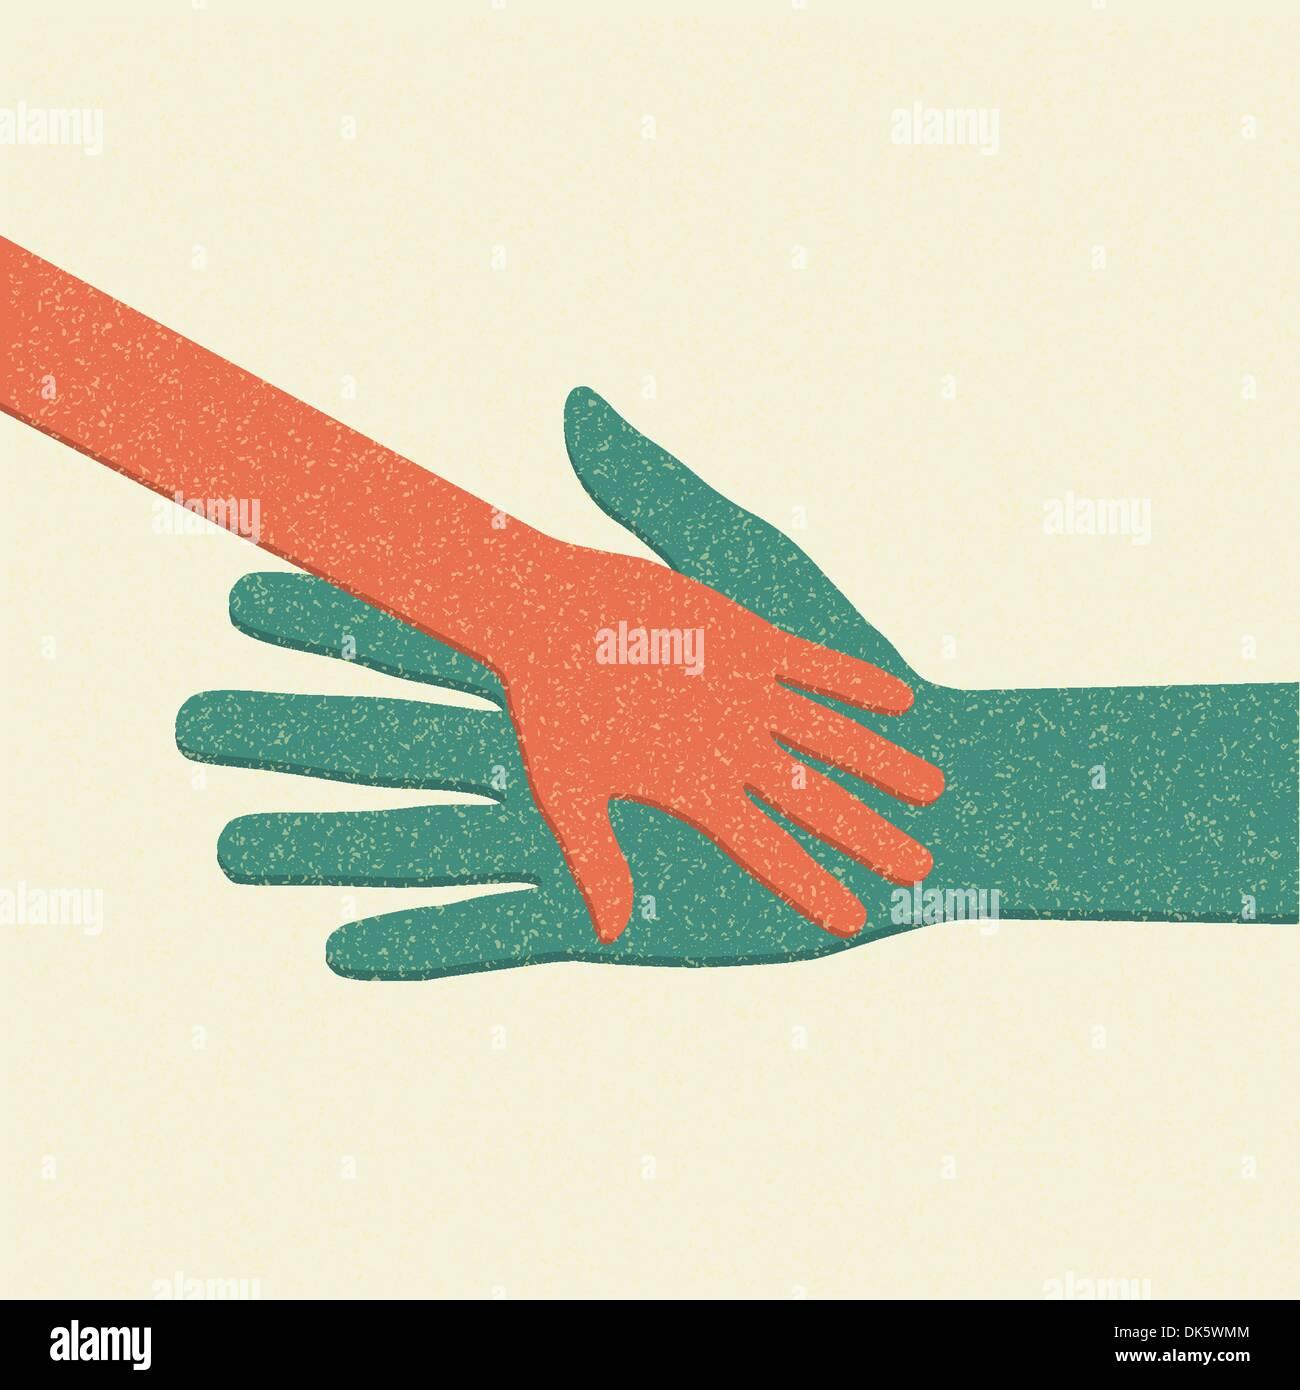 Aiutando le mani. Cura per adulti circa il bambino. Illustrazione Vettoriale. Immagini Stock